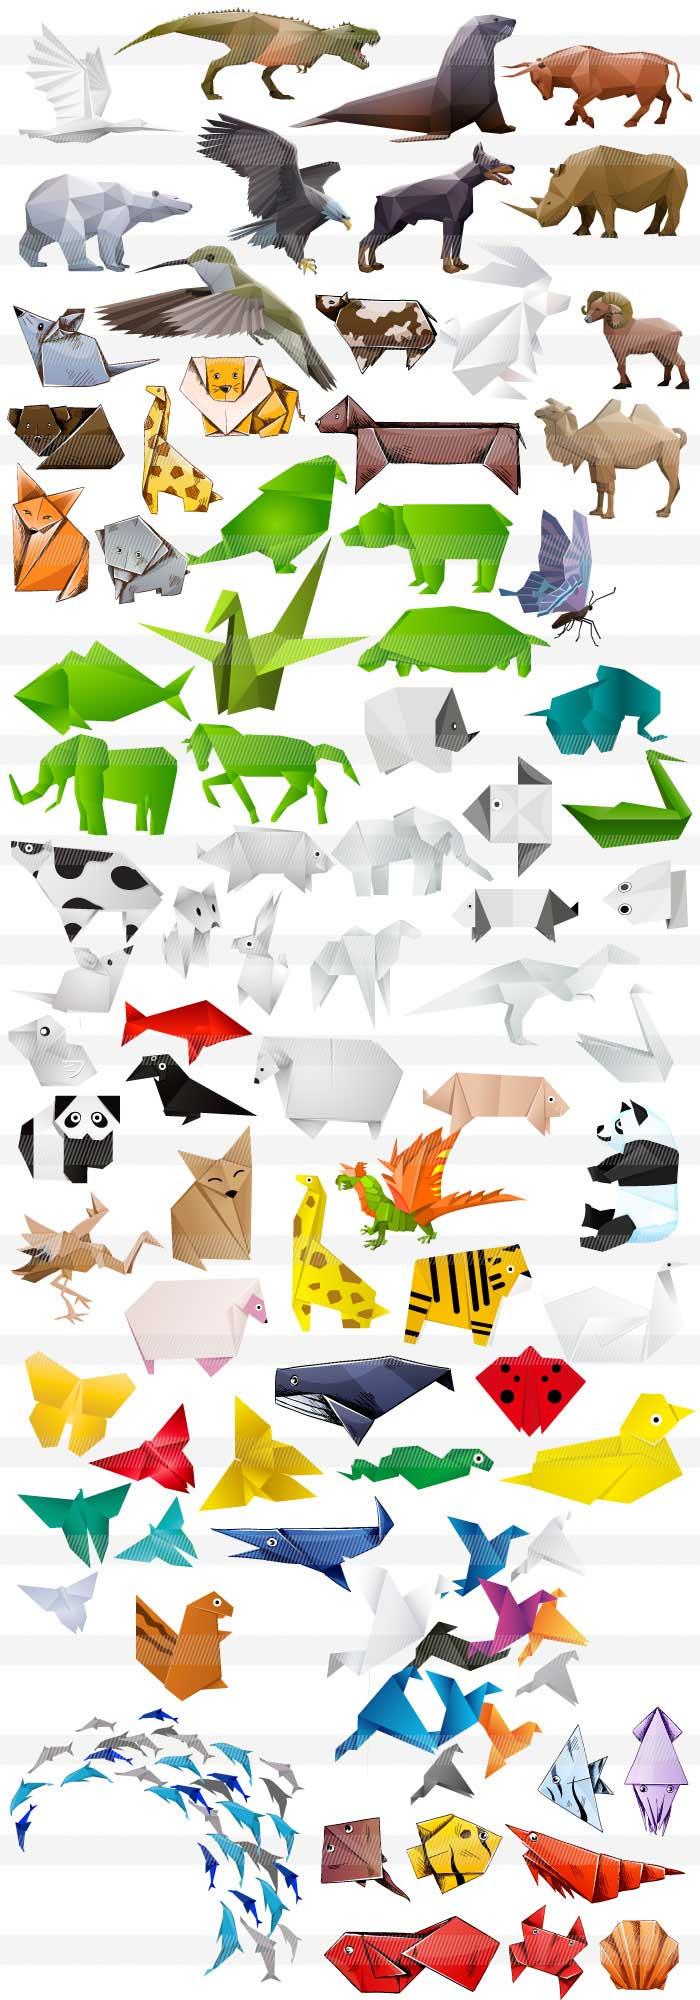 すべての折り紙 パンダ 折り紙 : 折り紙の動物のイラスト|商用 ...